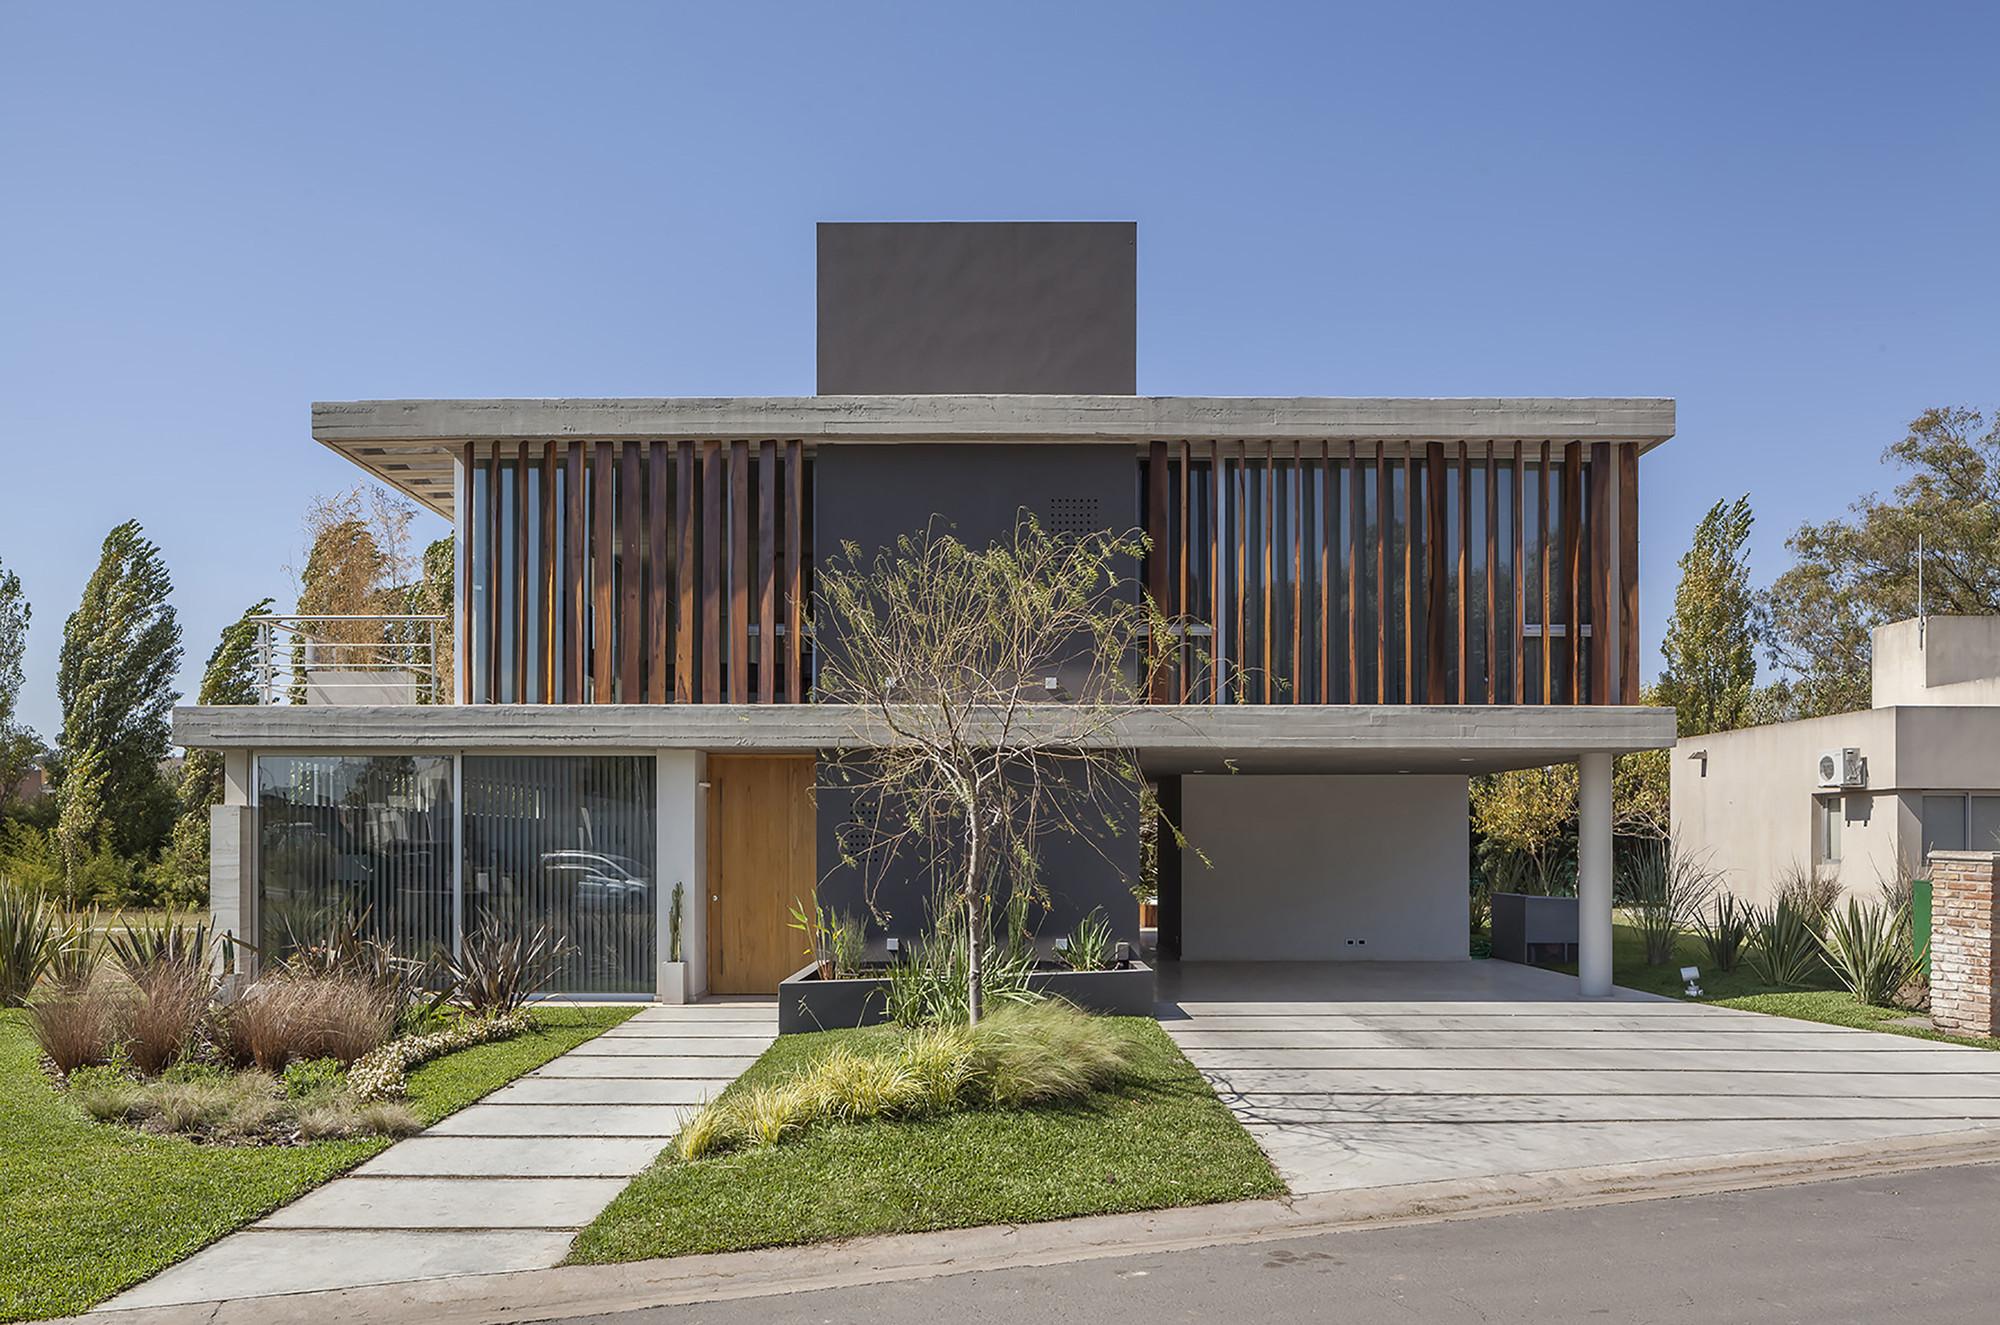 Casa haras estudio geya plataforma arquitectura for Plataforma arquitectura